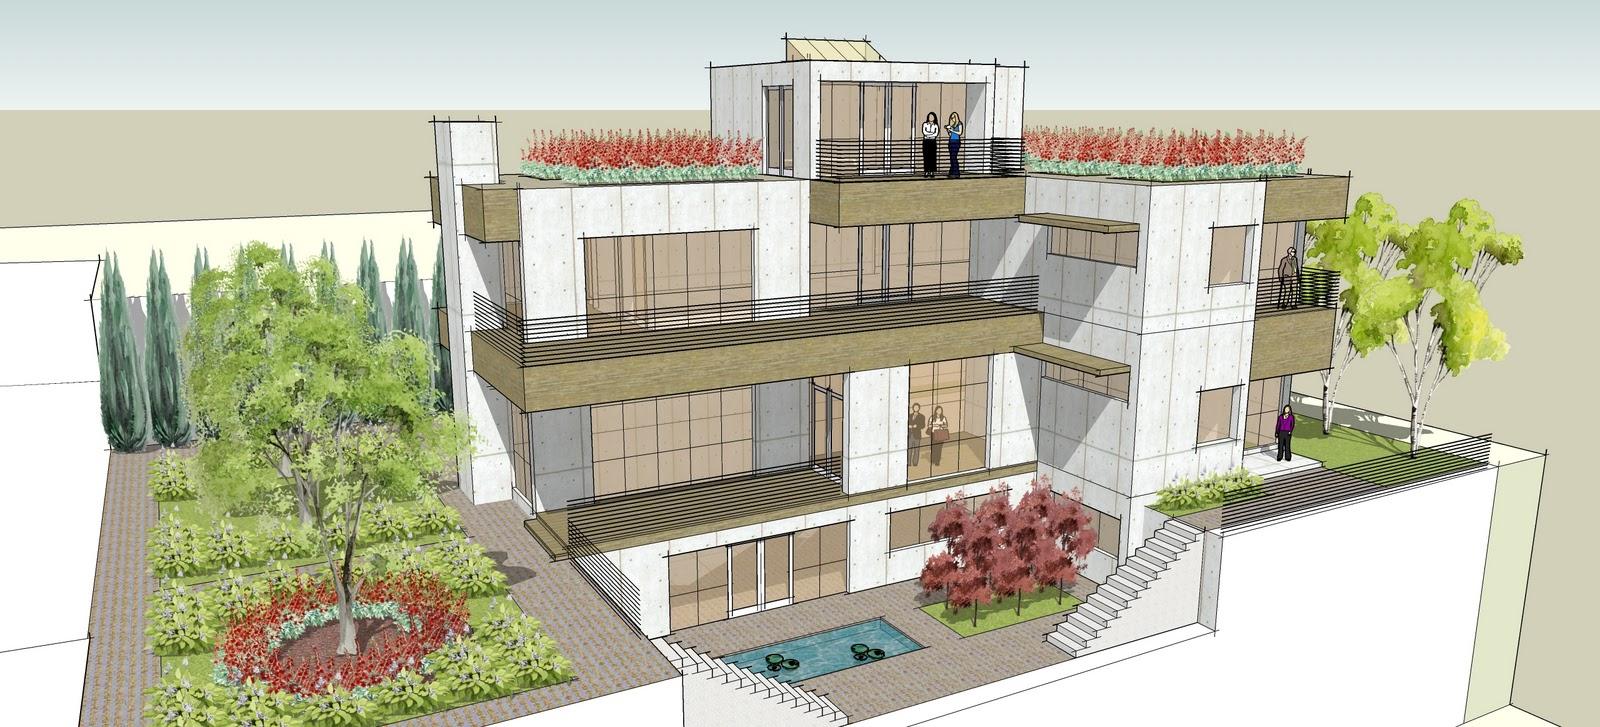 Modern korean houses design House design